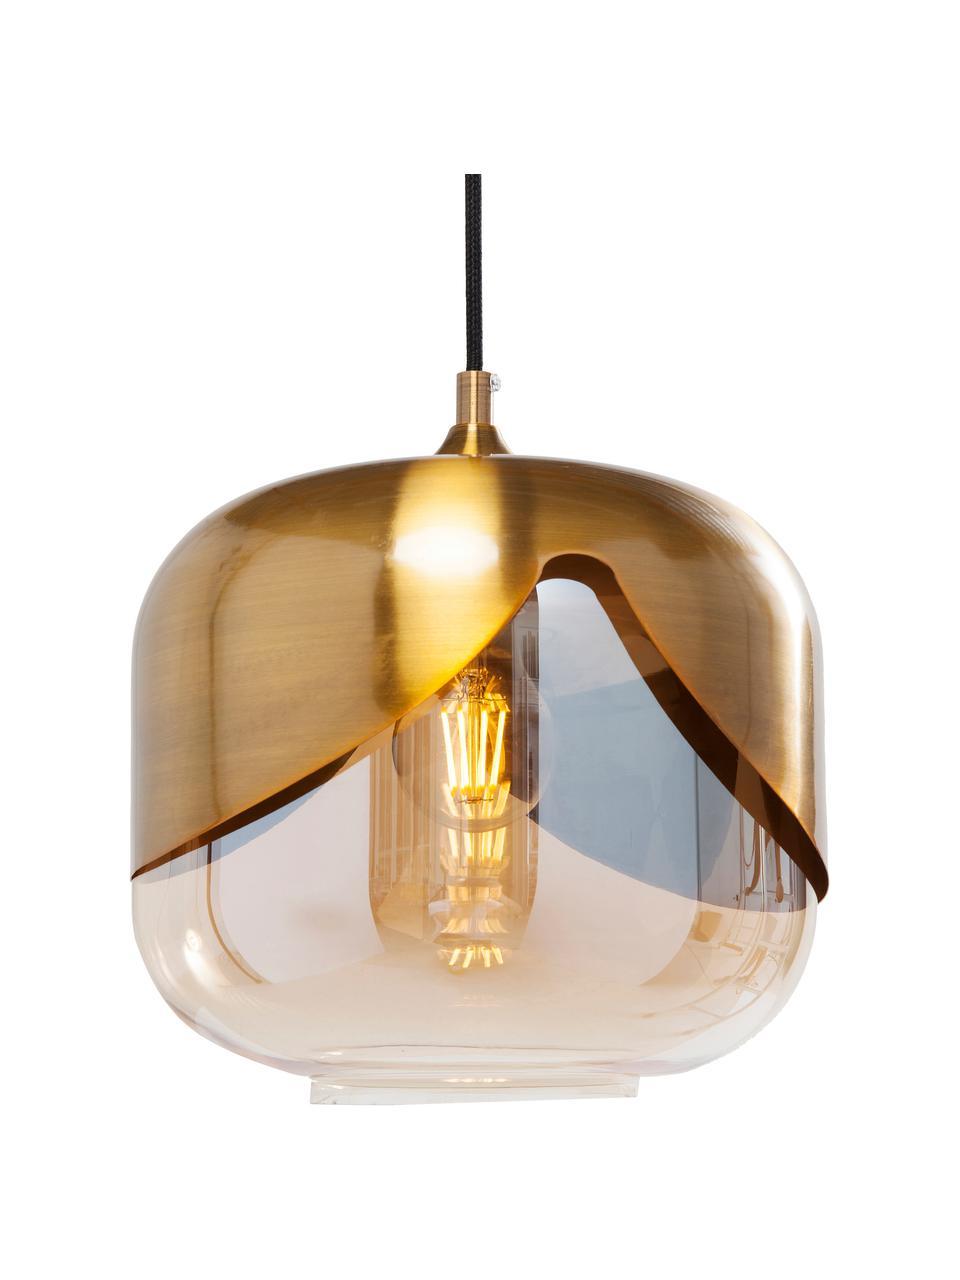 Lampada a sospensione in vetro Golden Goblet, Baldacchino: metallo ottonato, Ottone, Ø 25 cm